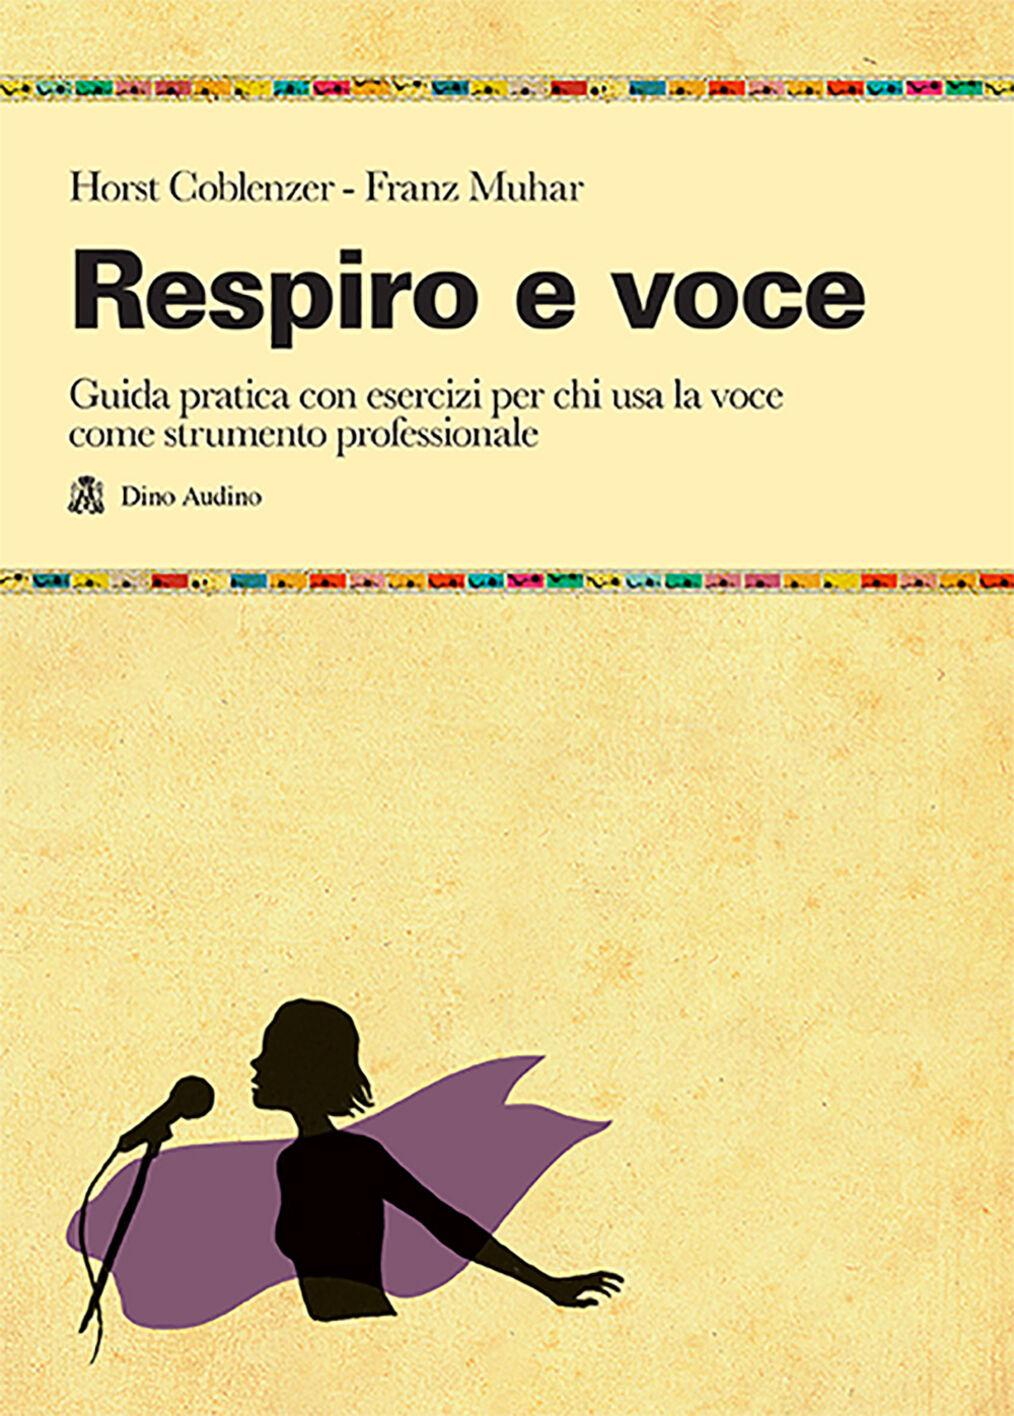 Respiro e voce. Manualetto di istruzioni per usare bene la voce